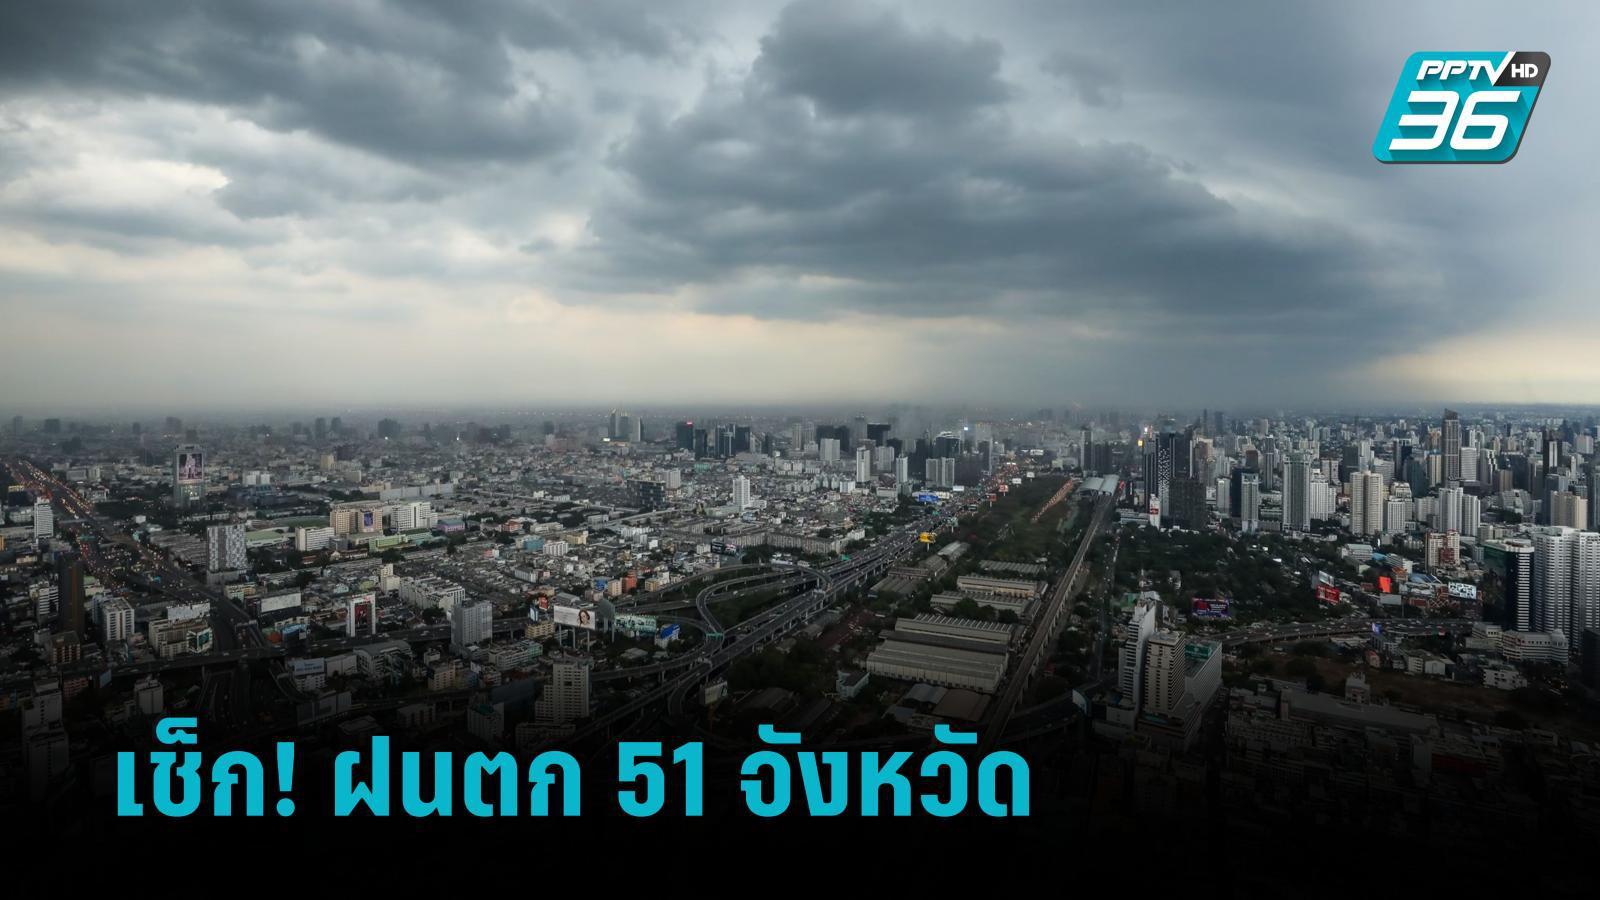 พยากรณ์อากาศวันนี้! ฝนตกต่อเนื่องกระจายทุกภาค ตกหนักบางแห่ง ทะเลคลื่นสูง 2-3 เมตร